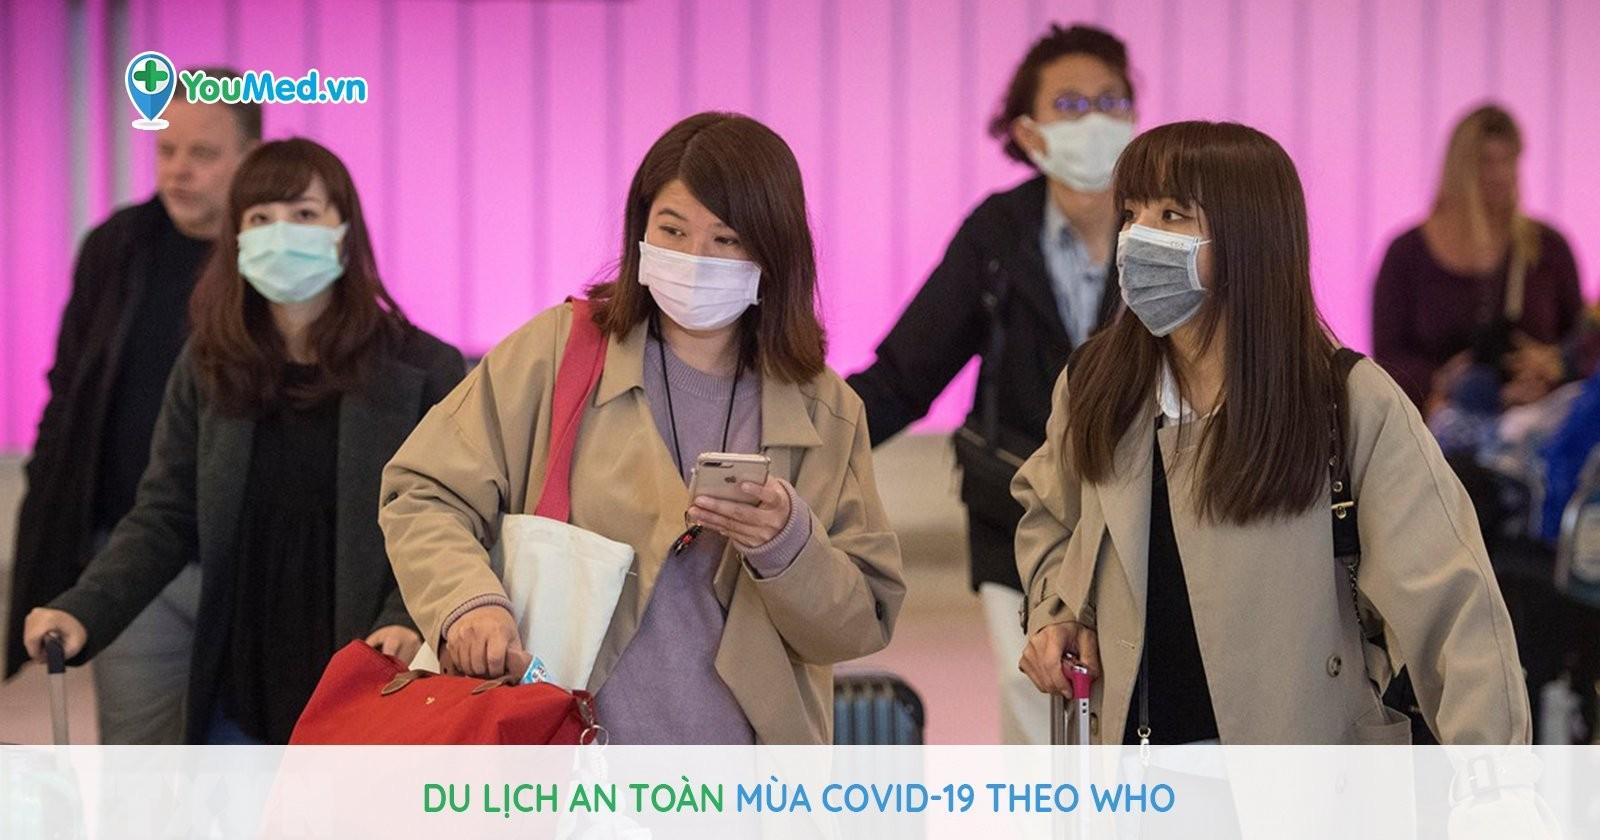 CẬP NHẬT MỚI NHẤT: Du lịch an toàn mùa COVID-19 theo hướng dẫn của WHO